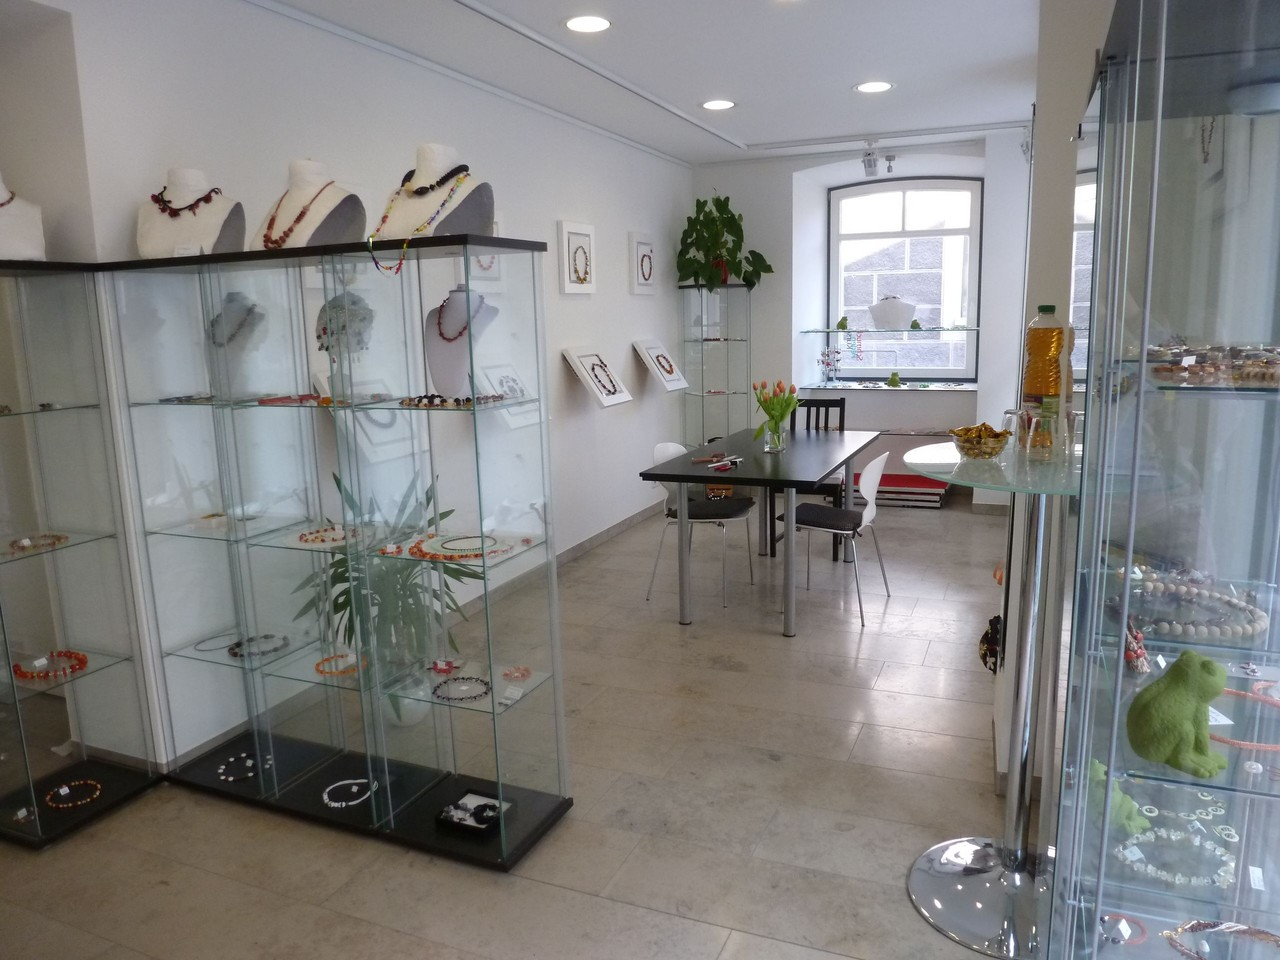 Kursbereich im showroom